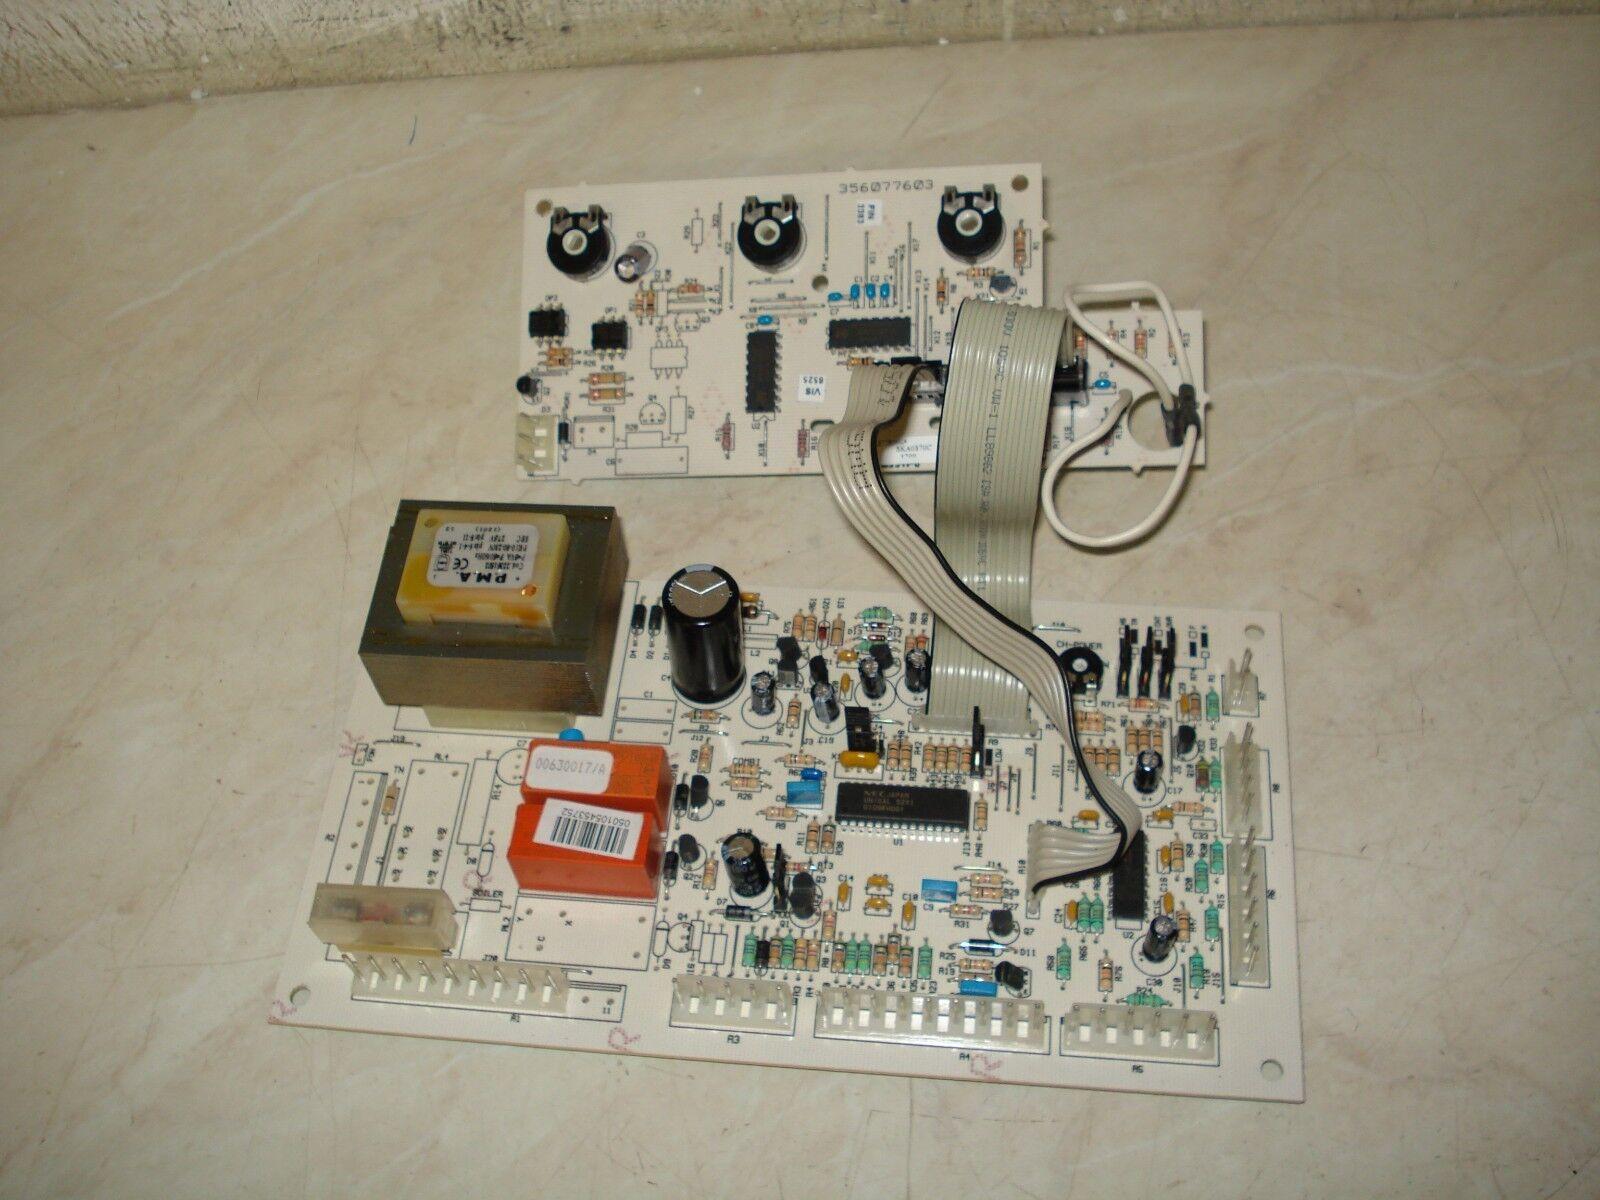 Unical 00260145-03, Grundplatine, DUA DUA DUA Camin Niedrig NOx 24 KW, 2 J. Garantie  d737 98e2ae